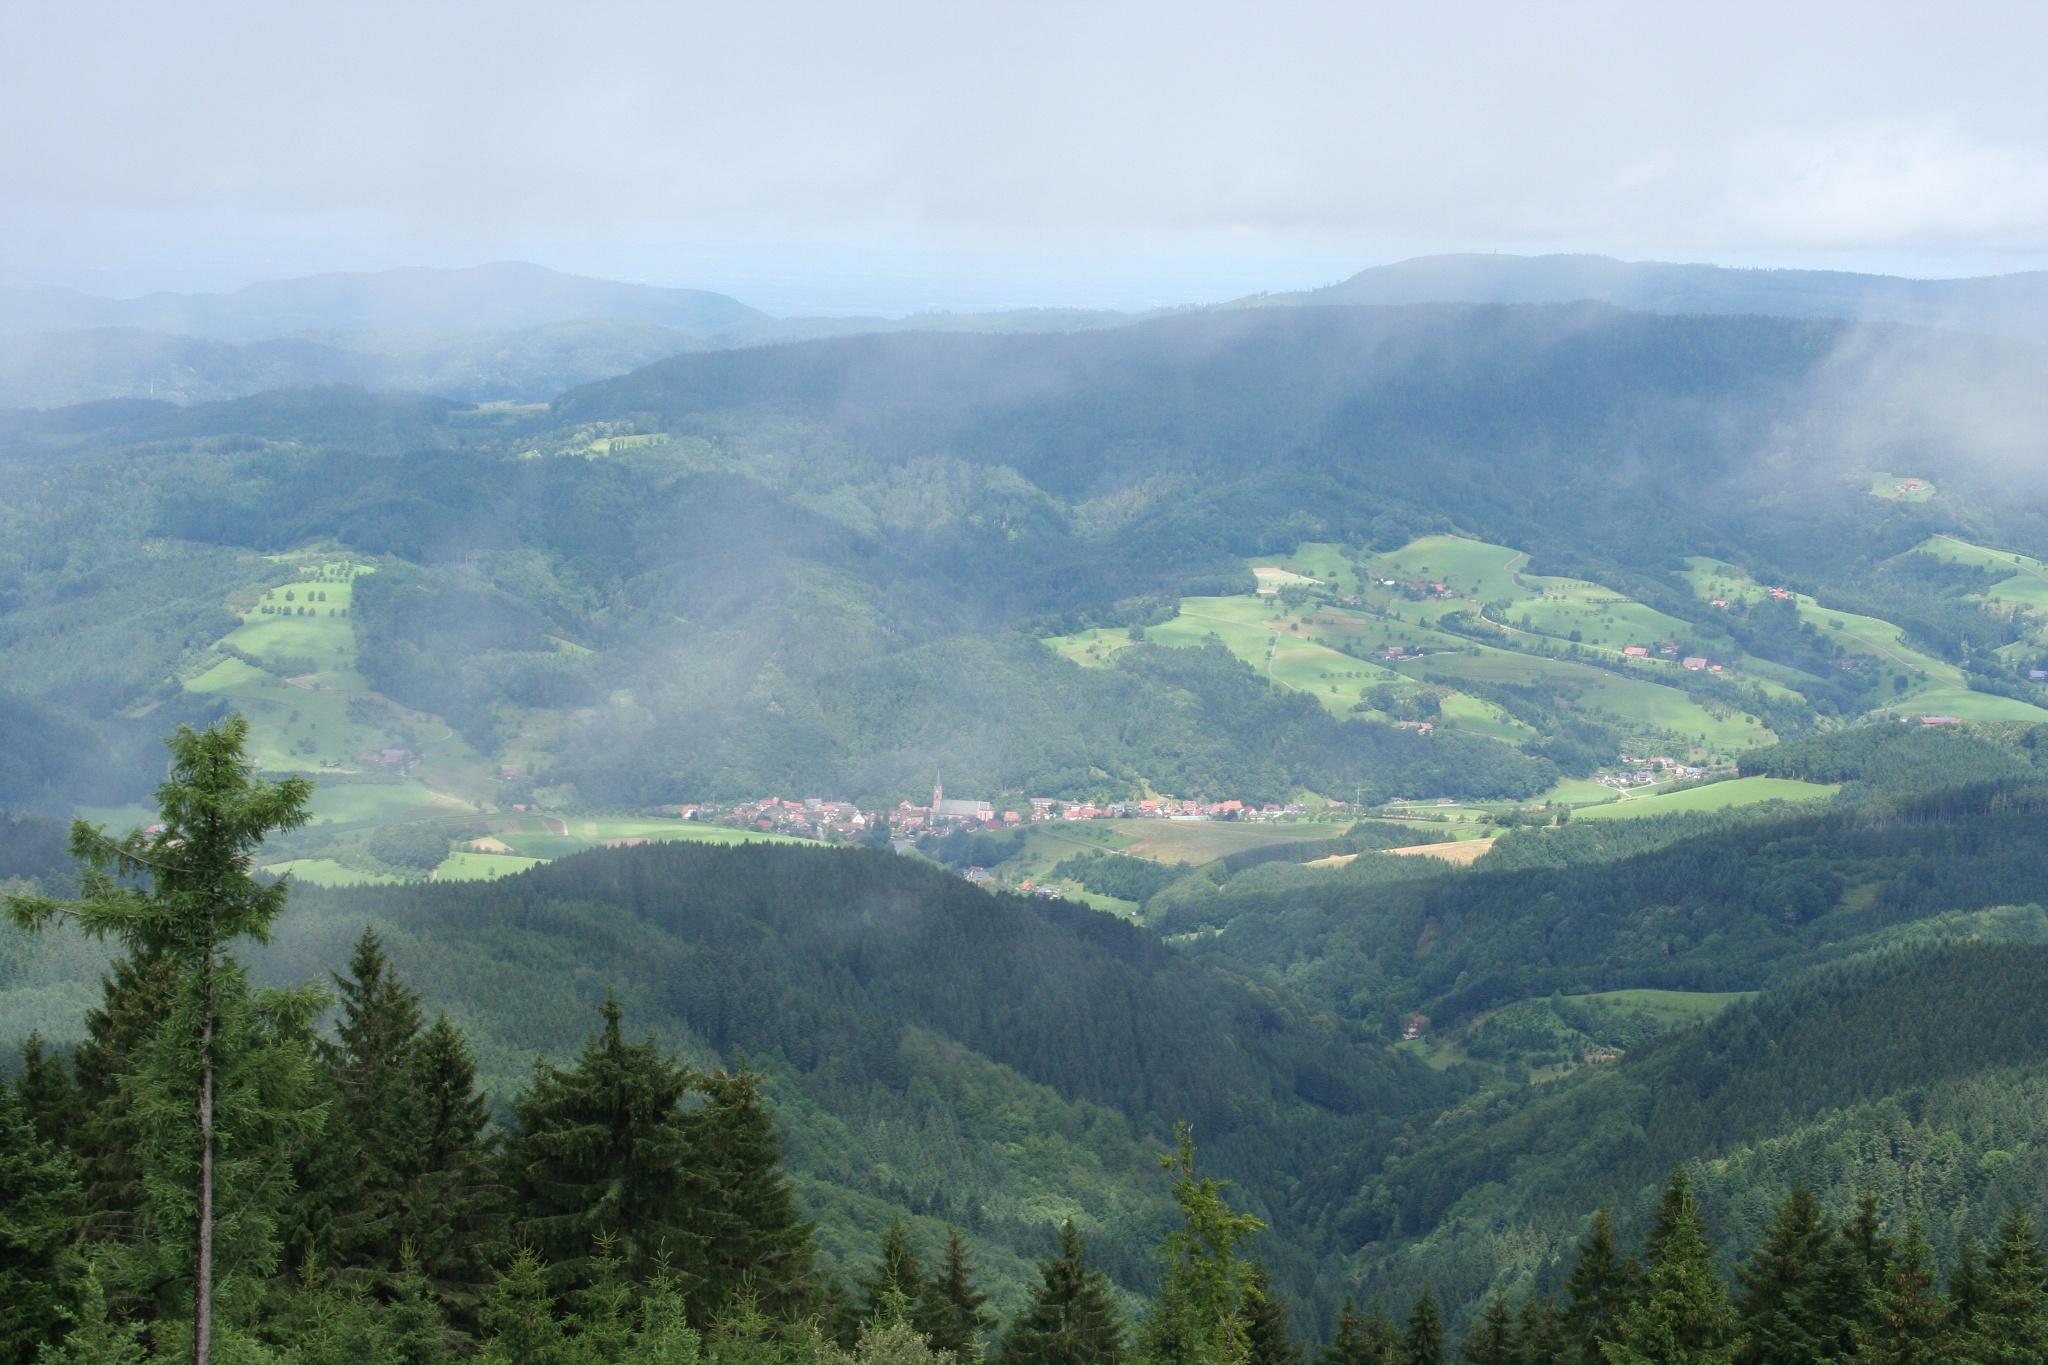 Blick vom Aussichtsturm am Brandenkopf auf Oberharmersbach